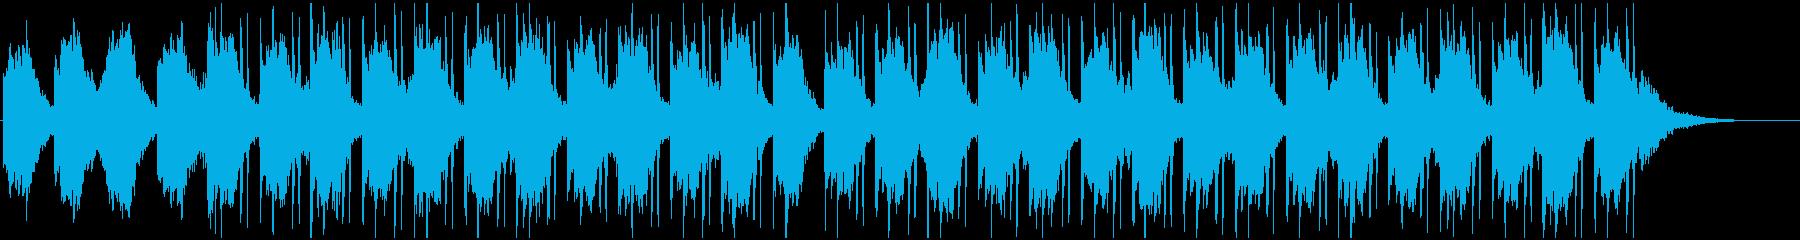 【LOFI HIPHOP】目覚ましAの再生済みの波形